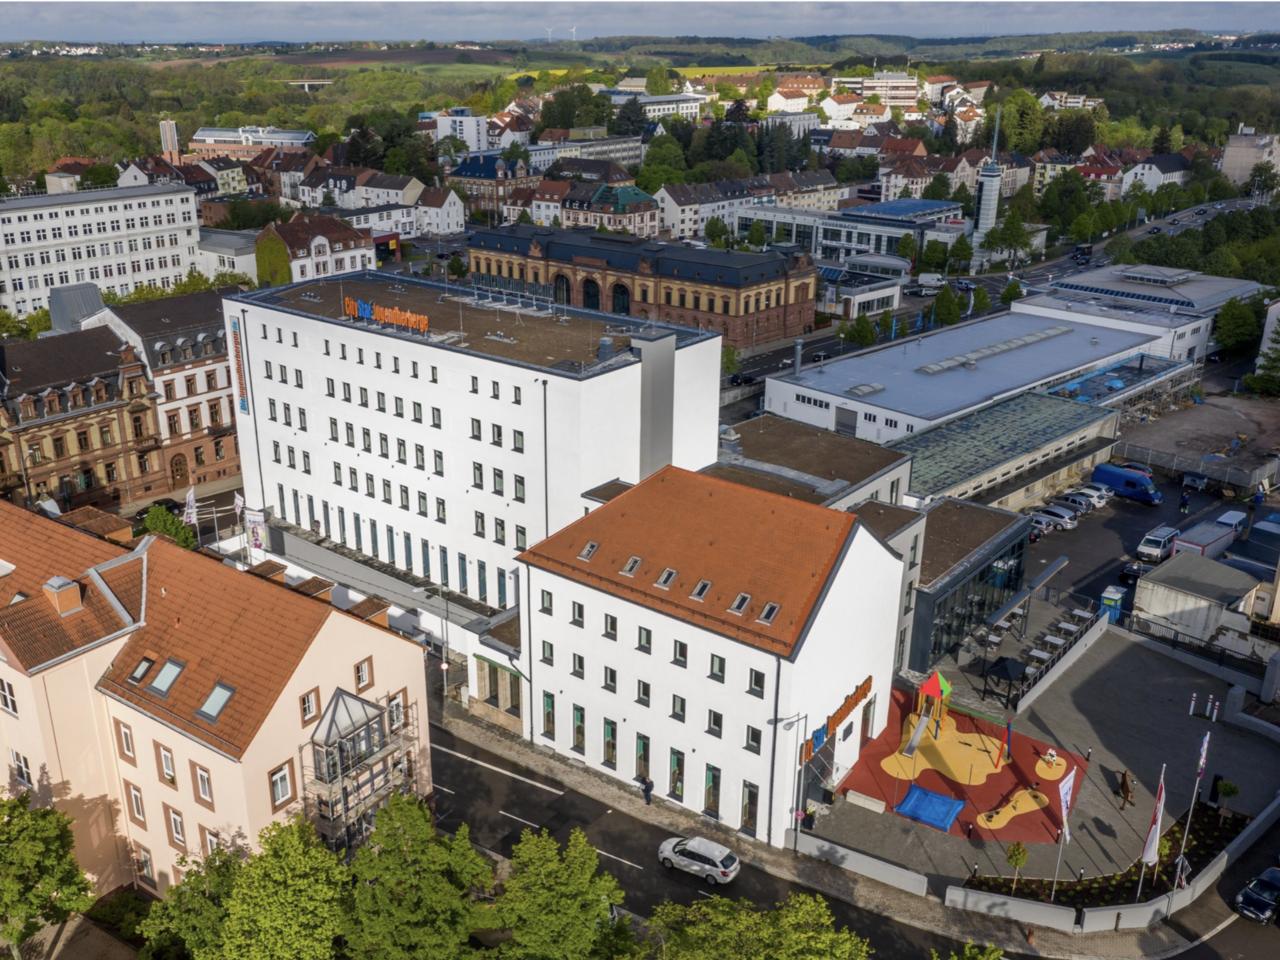 Rheinland Pfalz Private Feiern